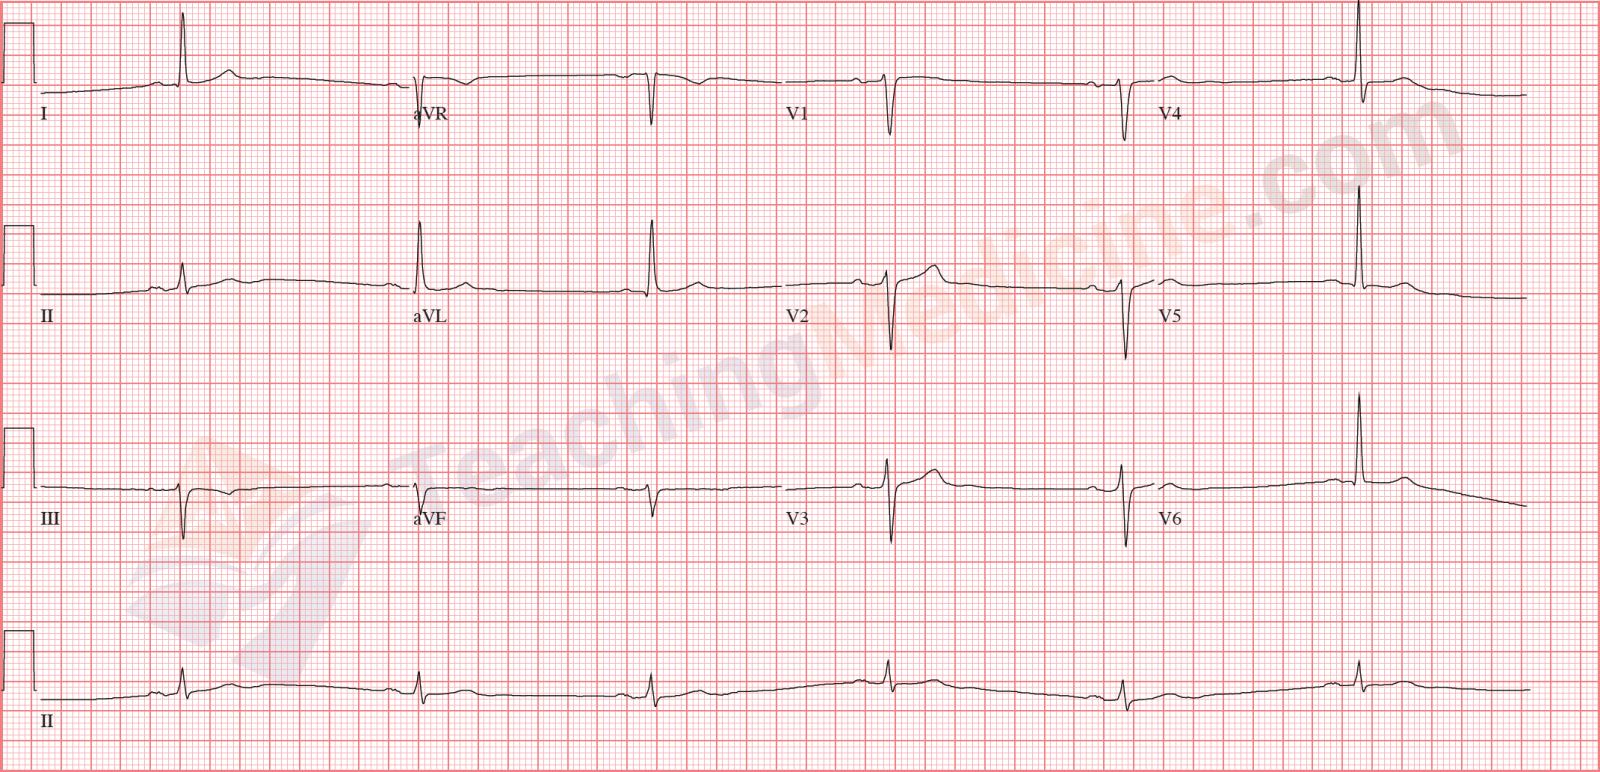 What is a bradycardia